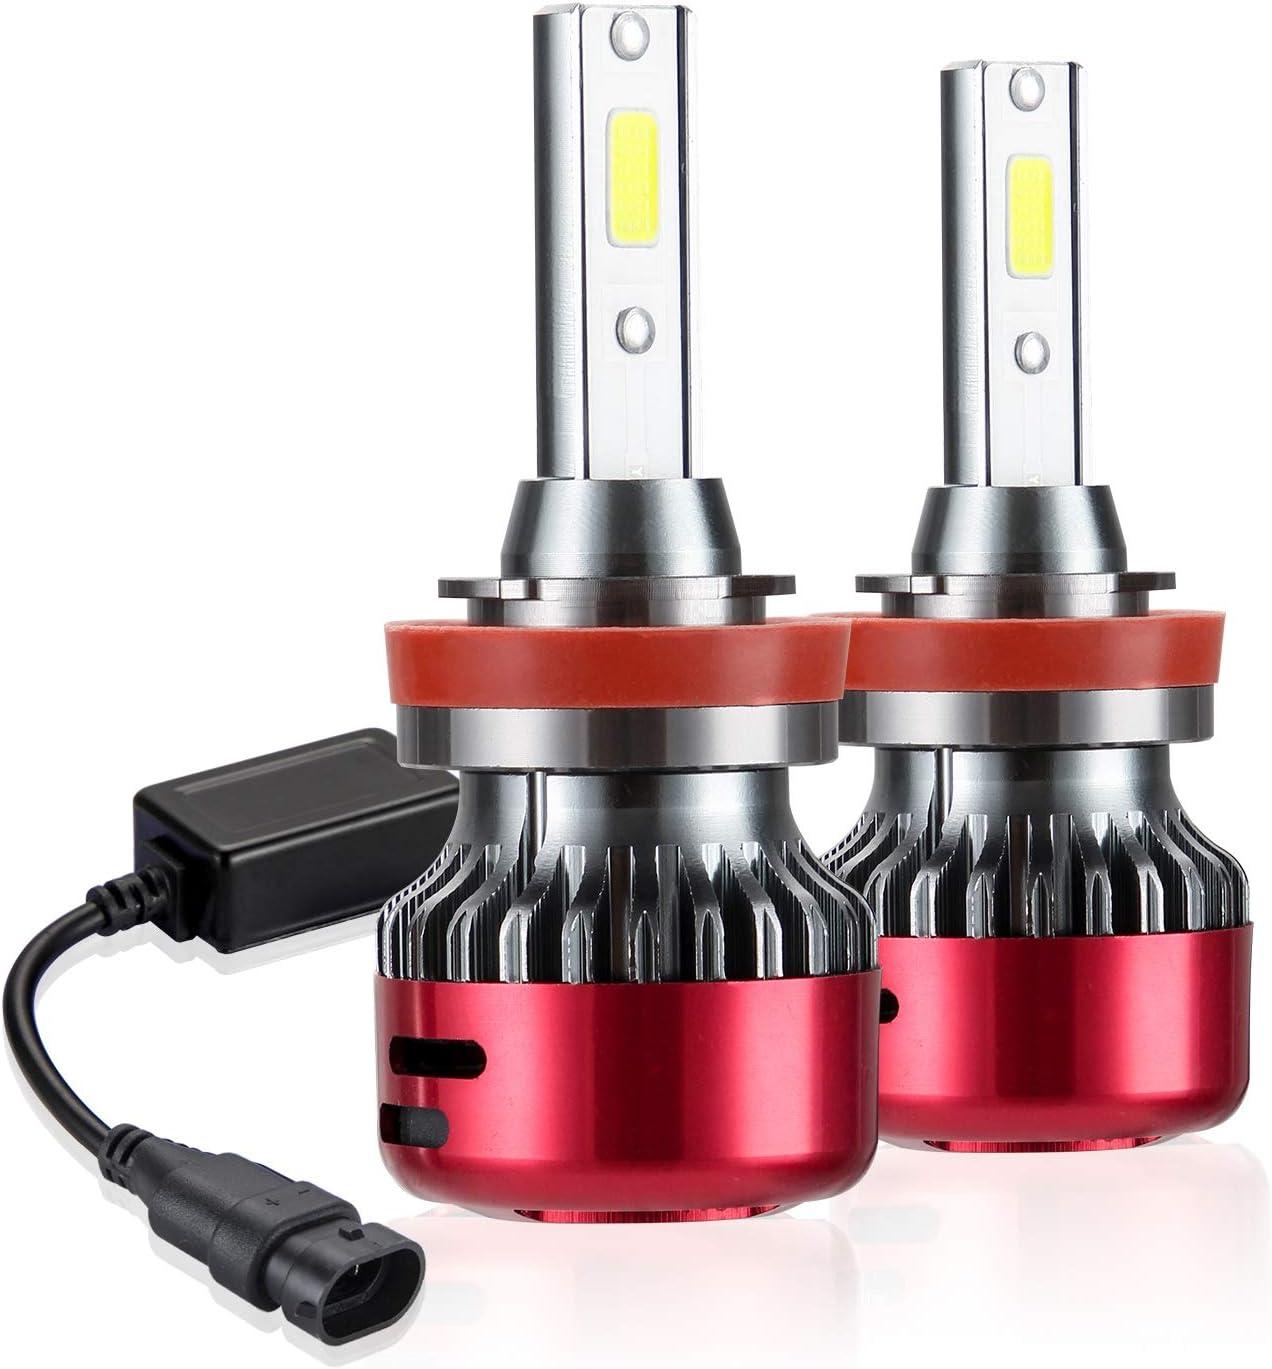 Kairiyard H4 Led Voiture Ampoules Led Phares /à LED H4 6000K HI LO Beam 55W 8000LM LED Antibrouillard Kit DOB Chip Extr/êmement Lumineux Rotation /à 360/° Bi-X/énon Conversion Tout-en-Un Garantie 2 Ans